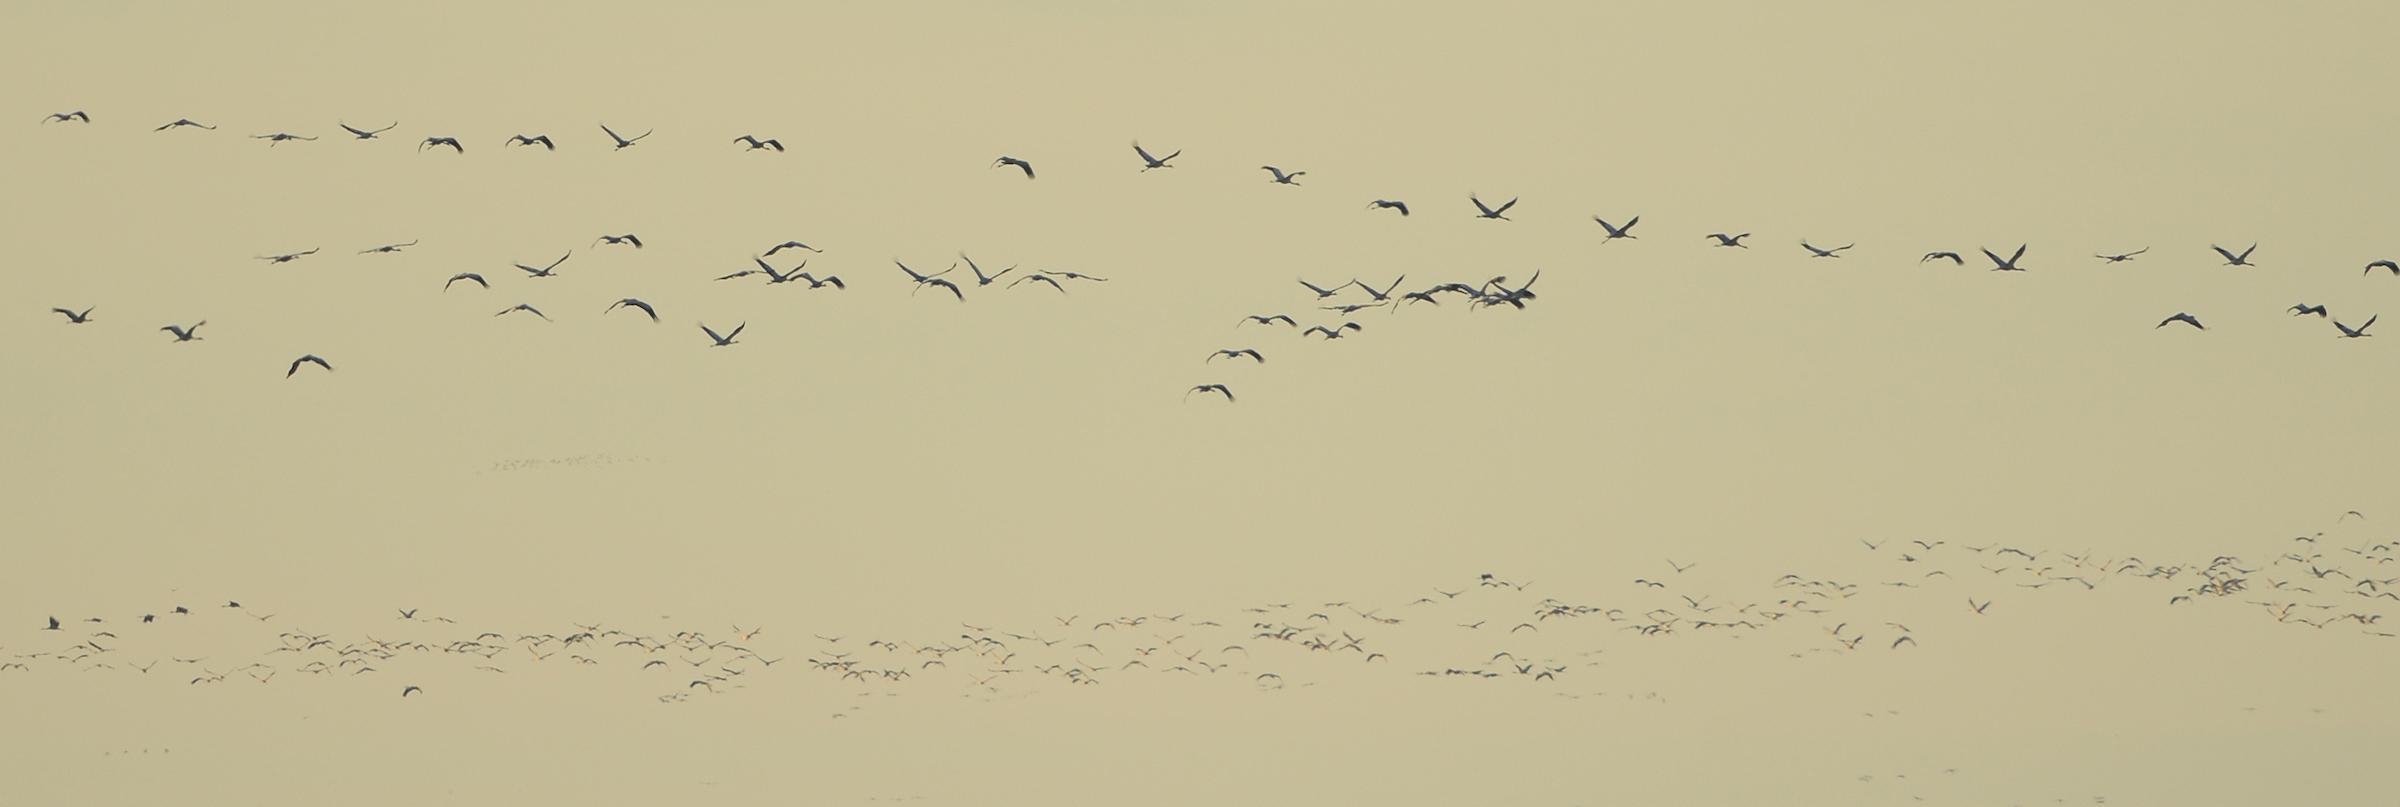 Kraanvogels_vogeltrek